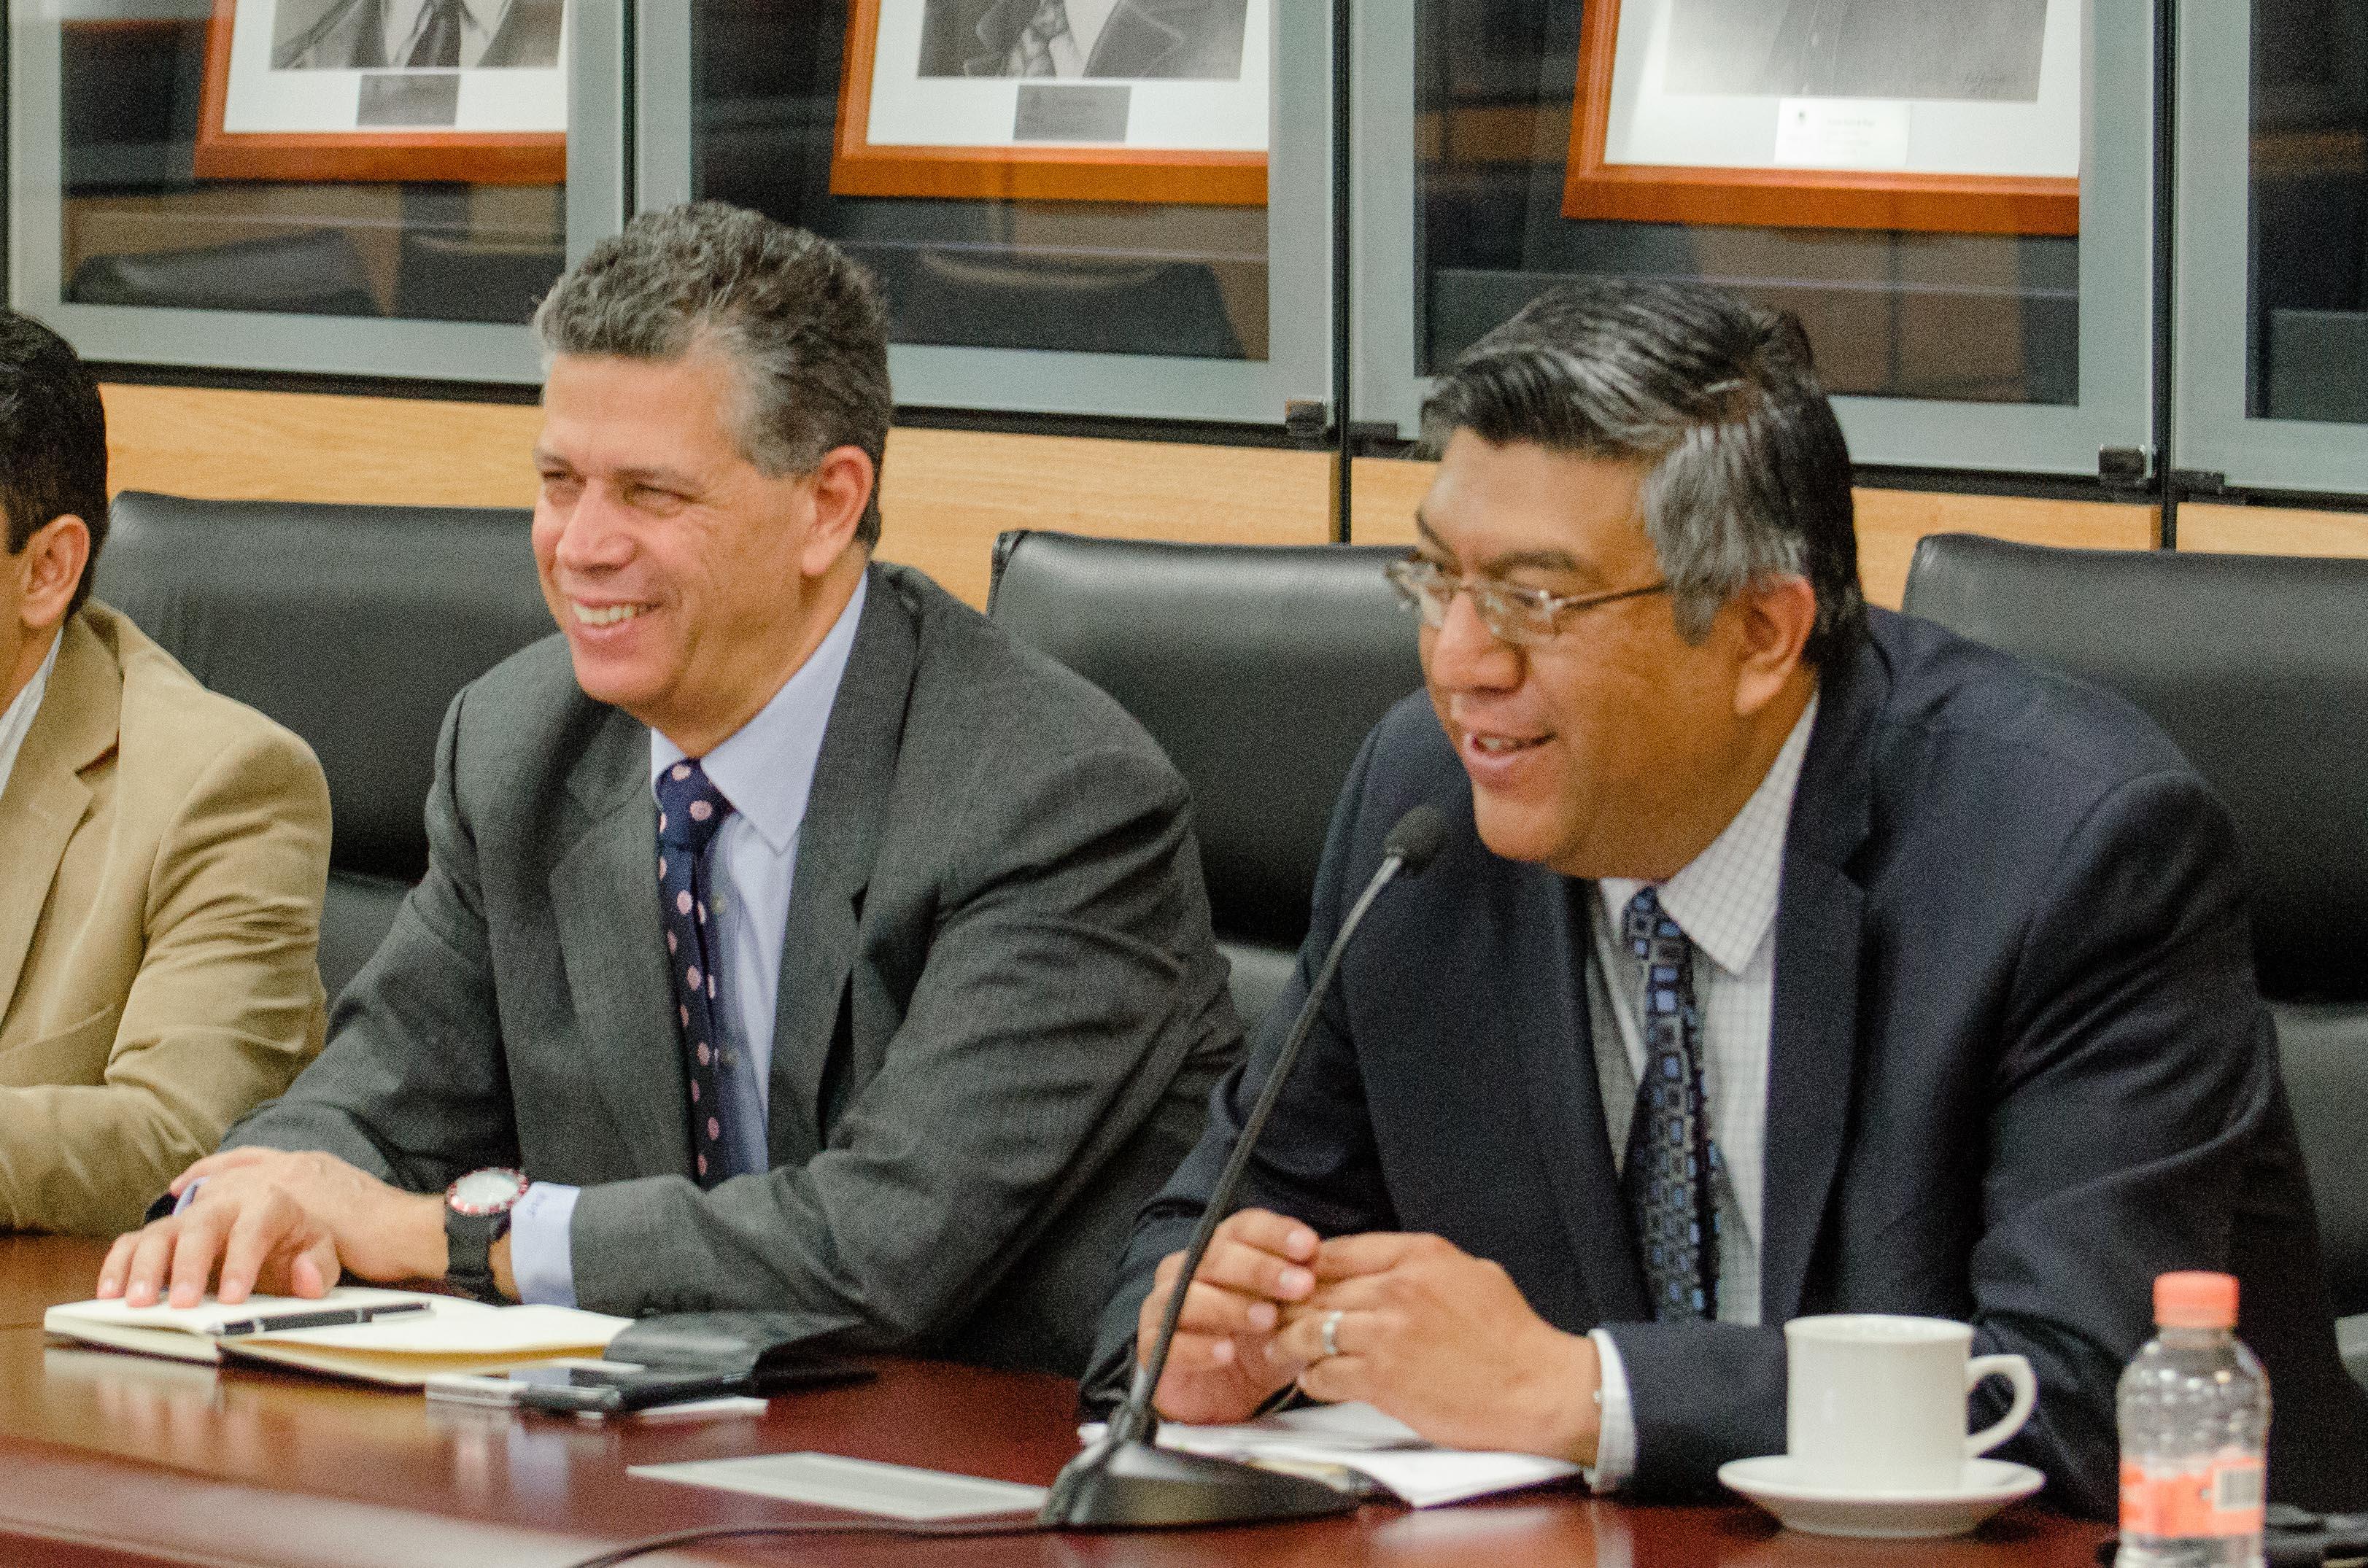 Los proyectos y acciones de la SAGARPA reafirman el compromiso de la política exterior mexicana de consolidar la relación con países de Asia.